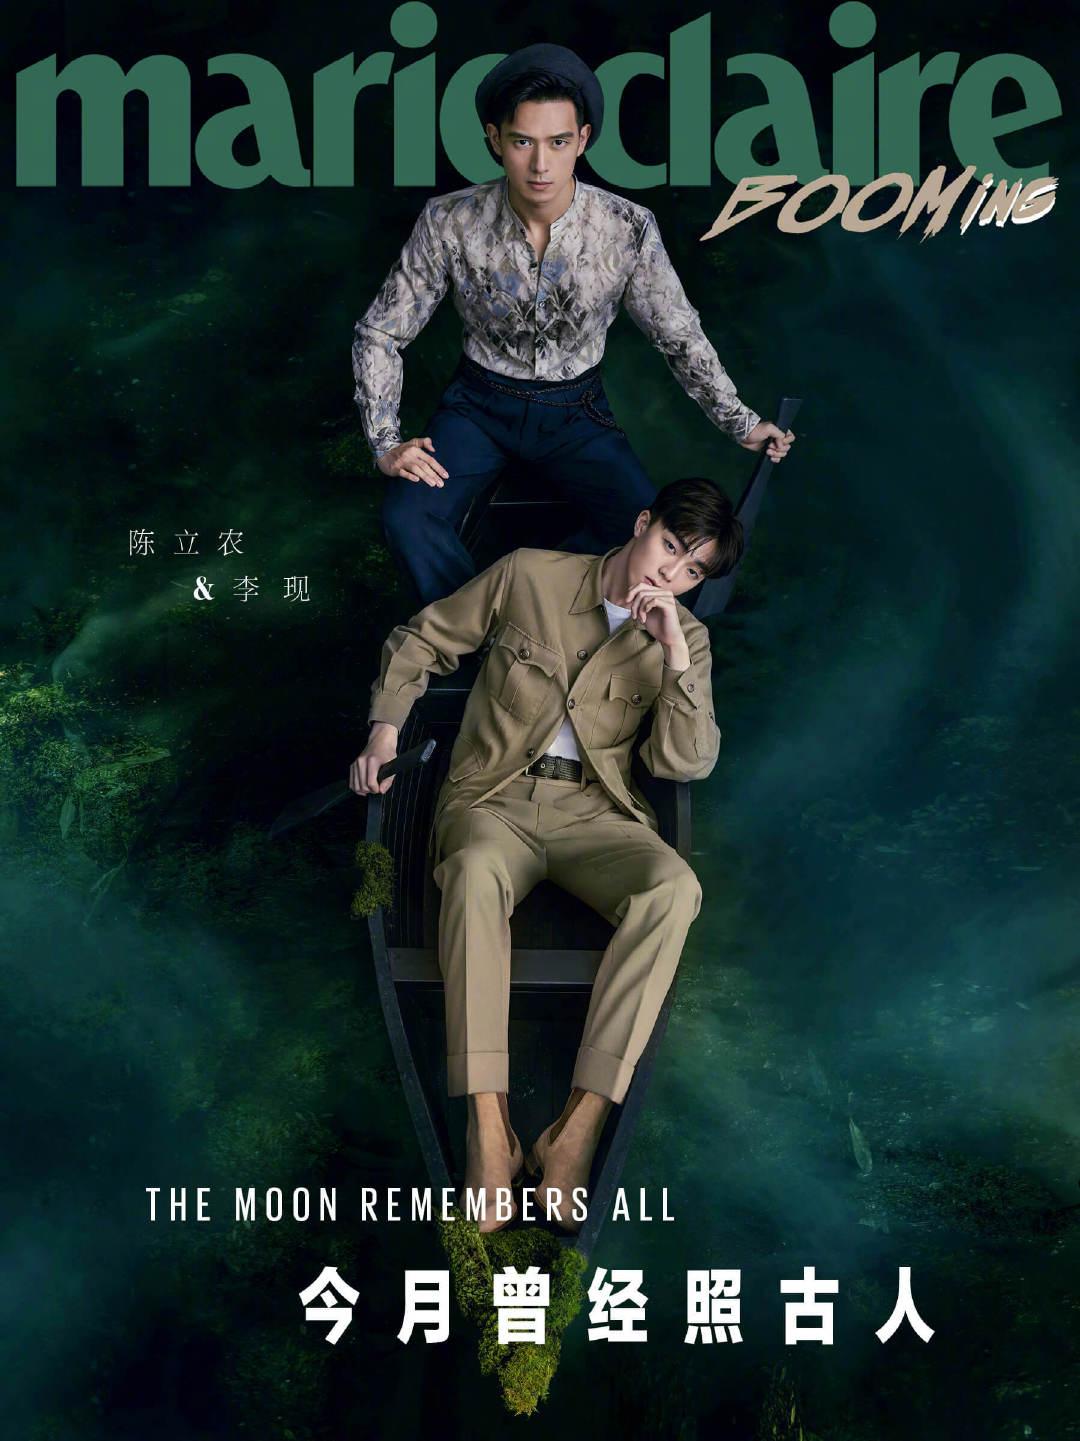 陈立农和李现为国版《嘉人》拍摄的新大片,双生帅气,养眼满分